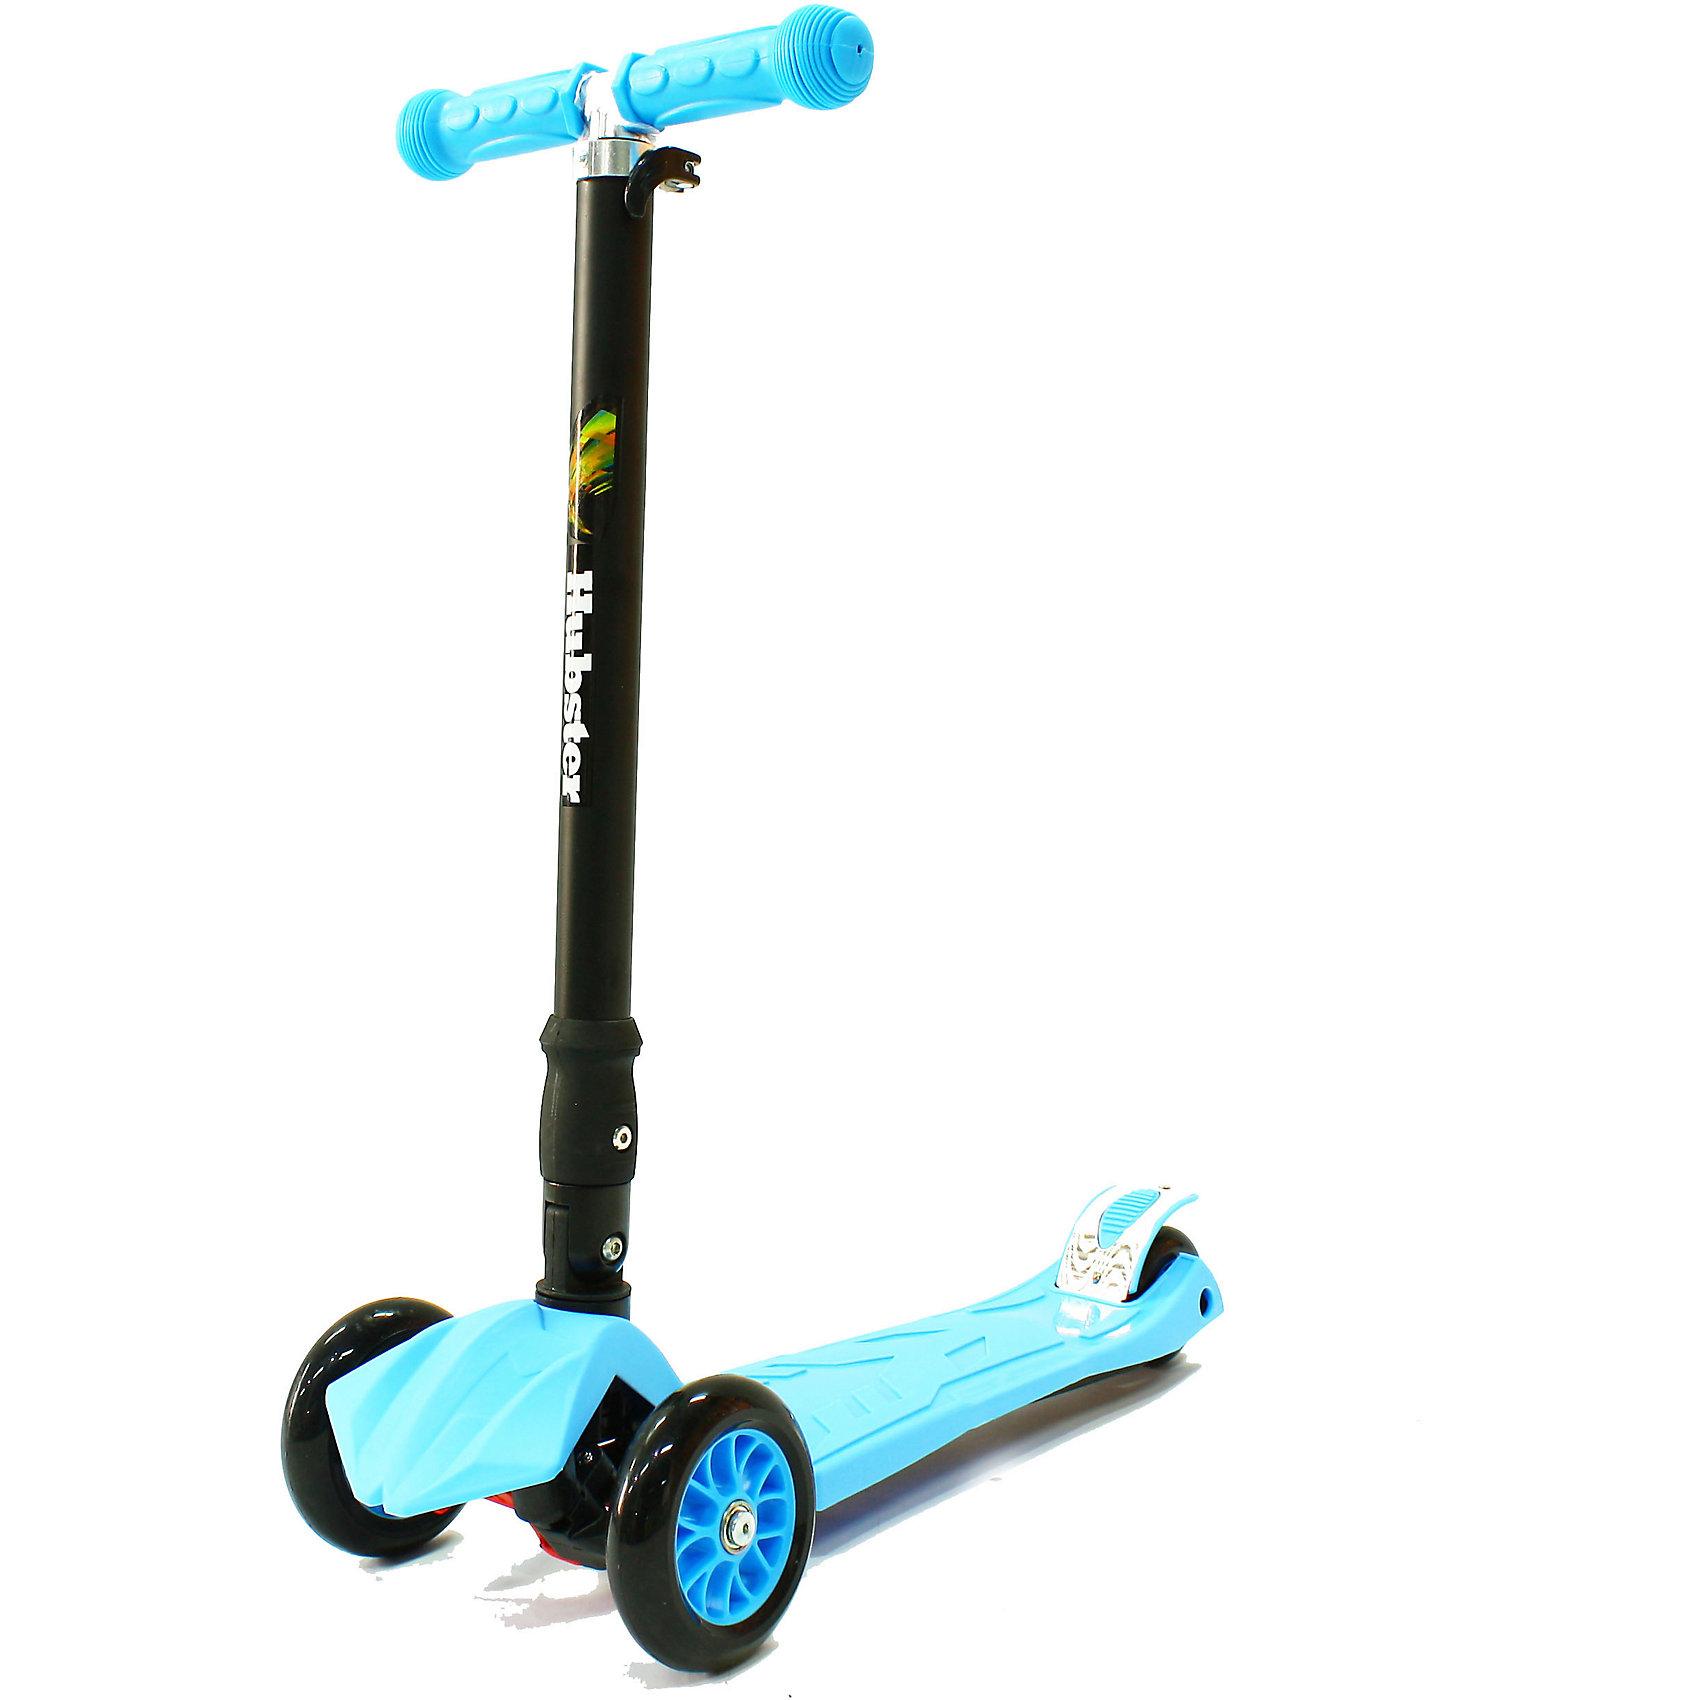 Самокат Hubster Maxi Plus,  синийСамокаты<br>Возраст: 3+<br>Вес: 2,5 кг. Максимальная нагрузка: 50 кг<br>Рама: алюминий, пластик, резина, ПУ материалы<br>Размер колес: 120 х 24 мм, задние 80 мм<br>Тормоз: Ножной<br>Ширина руля: 26 см<br>Регулируемая высота руля: 65 - 88 см<br>Длина платформы: 32 см<br>Ширина платформы: 13 см<br>Длина самоката: 57 см<br>Грипсы: Травмобезопасные с защитной подушечкой<br>Объем: 0.02 м?<br><br>Ширина мм: 590<br>Глубина мм: 280<br>Высота мм: 150<br>Вес г: 3100<br>Возраст от месяцев: 36<br>Возраст до месяцев: 60<br>Пол: Унисекс<br>Возраст: Детский<br>SKU: 5518965